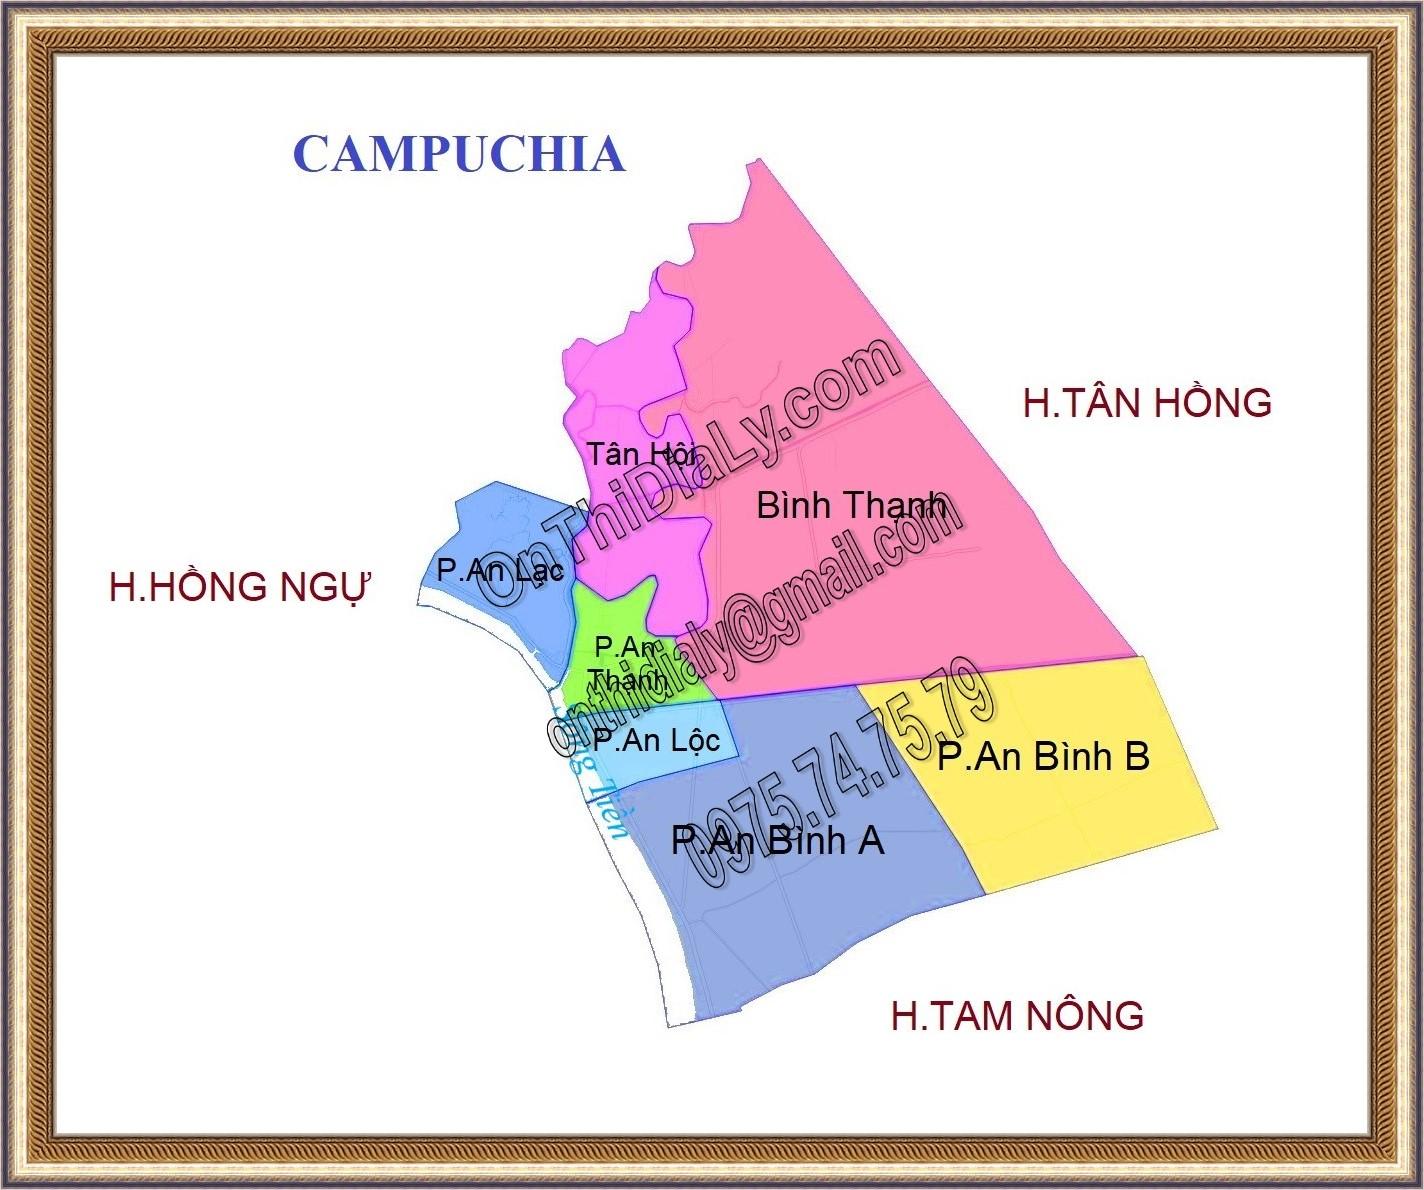 TP.Hong Ngu - Dong Thap 5